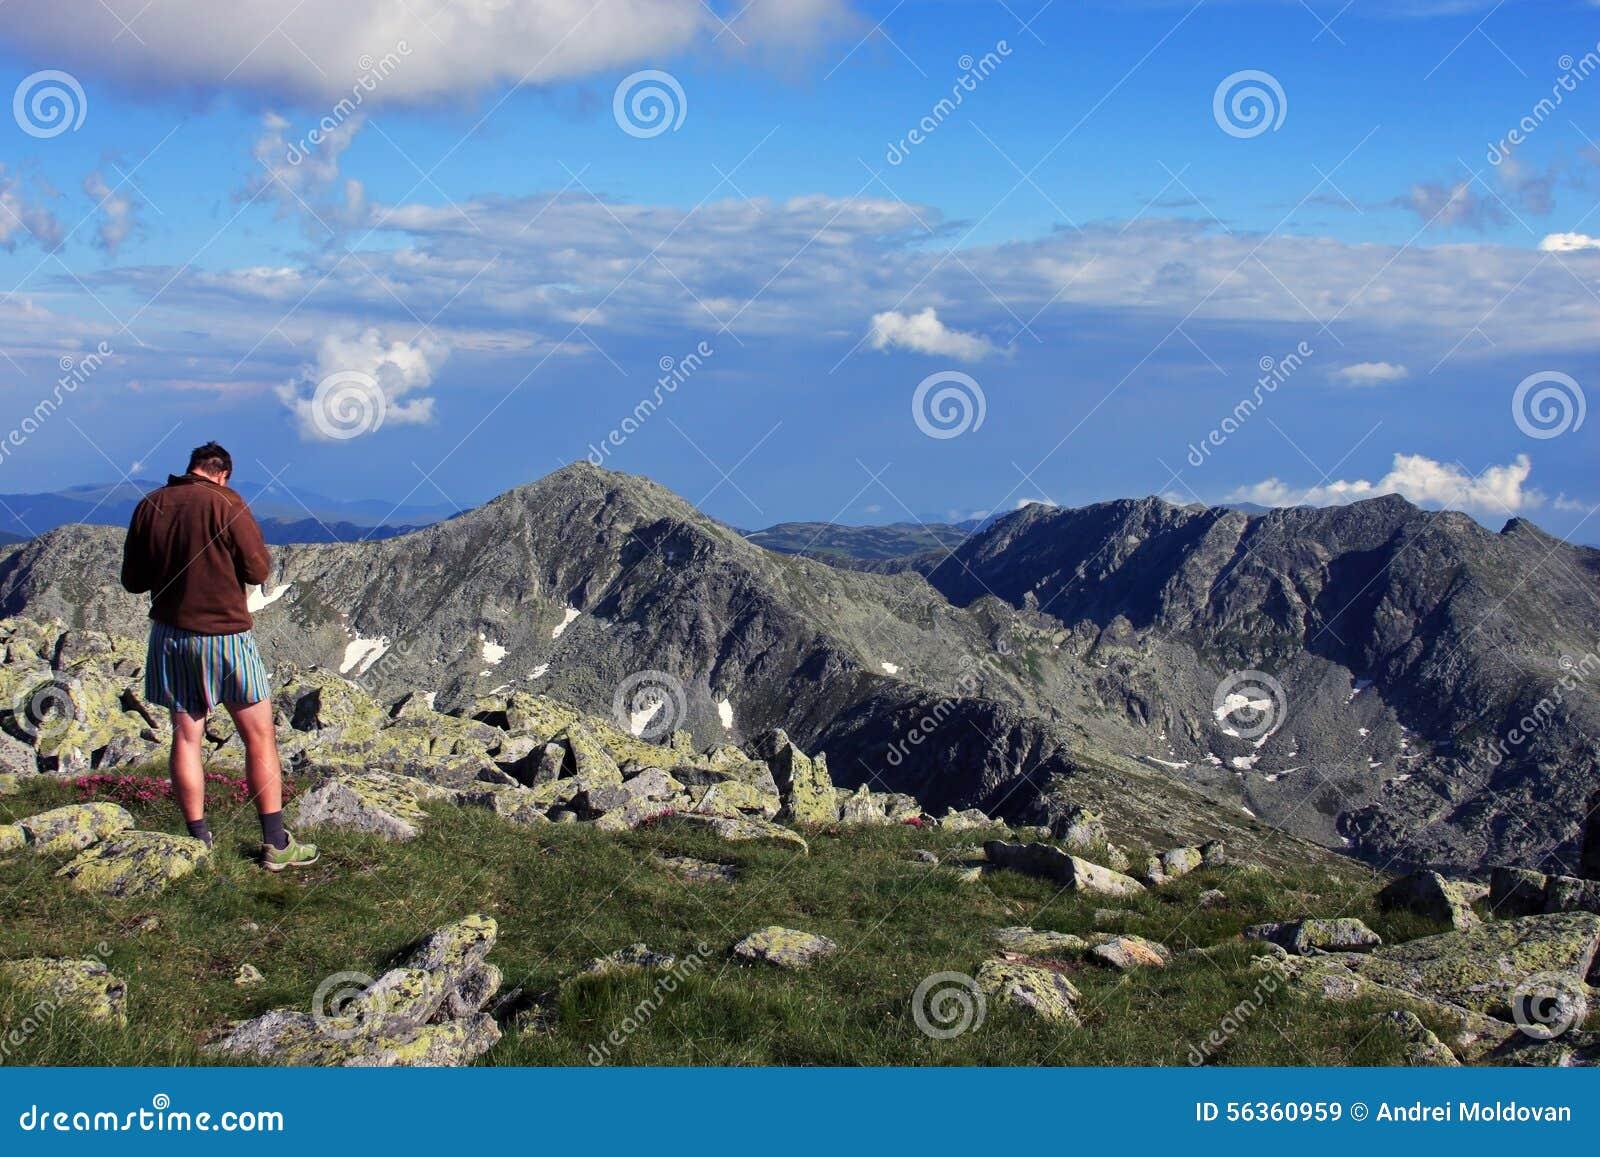 Ammirare la vista dalla cima della montagna immagine stock for Planimetrie vista montagna